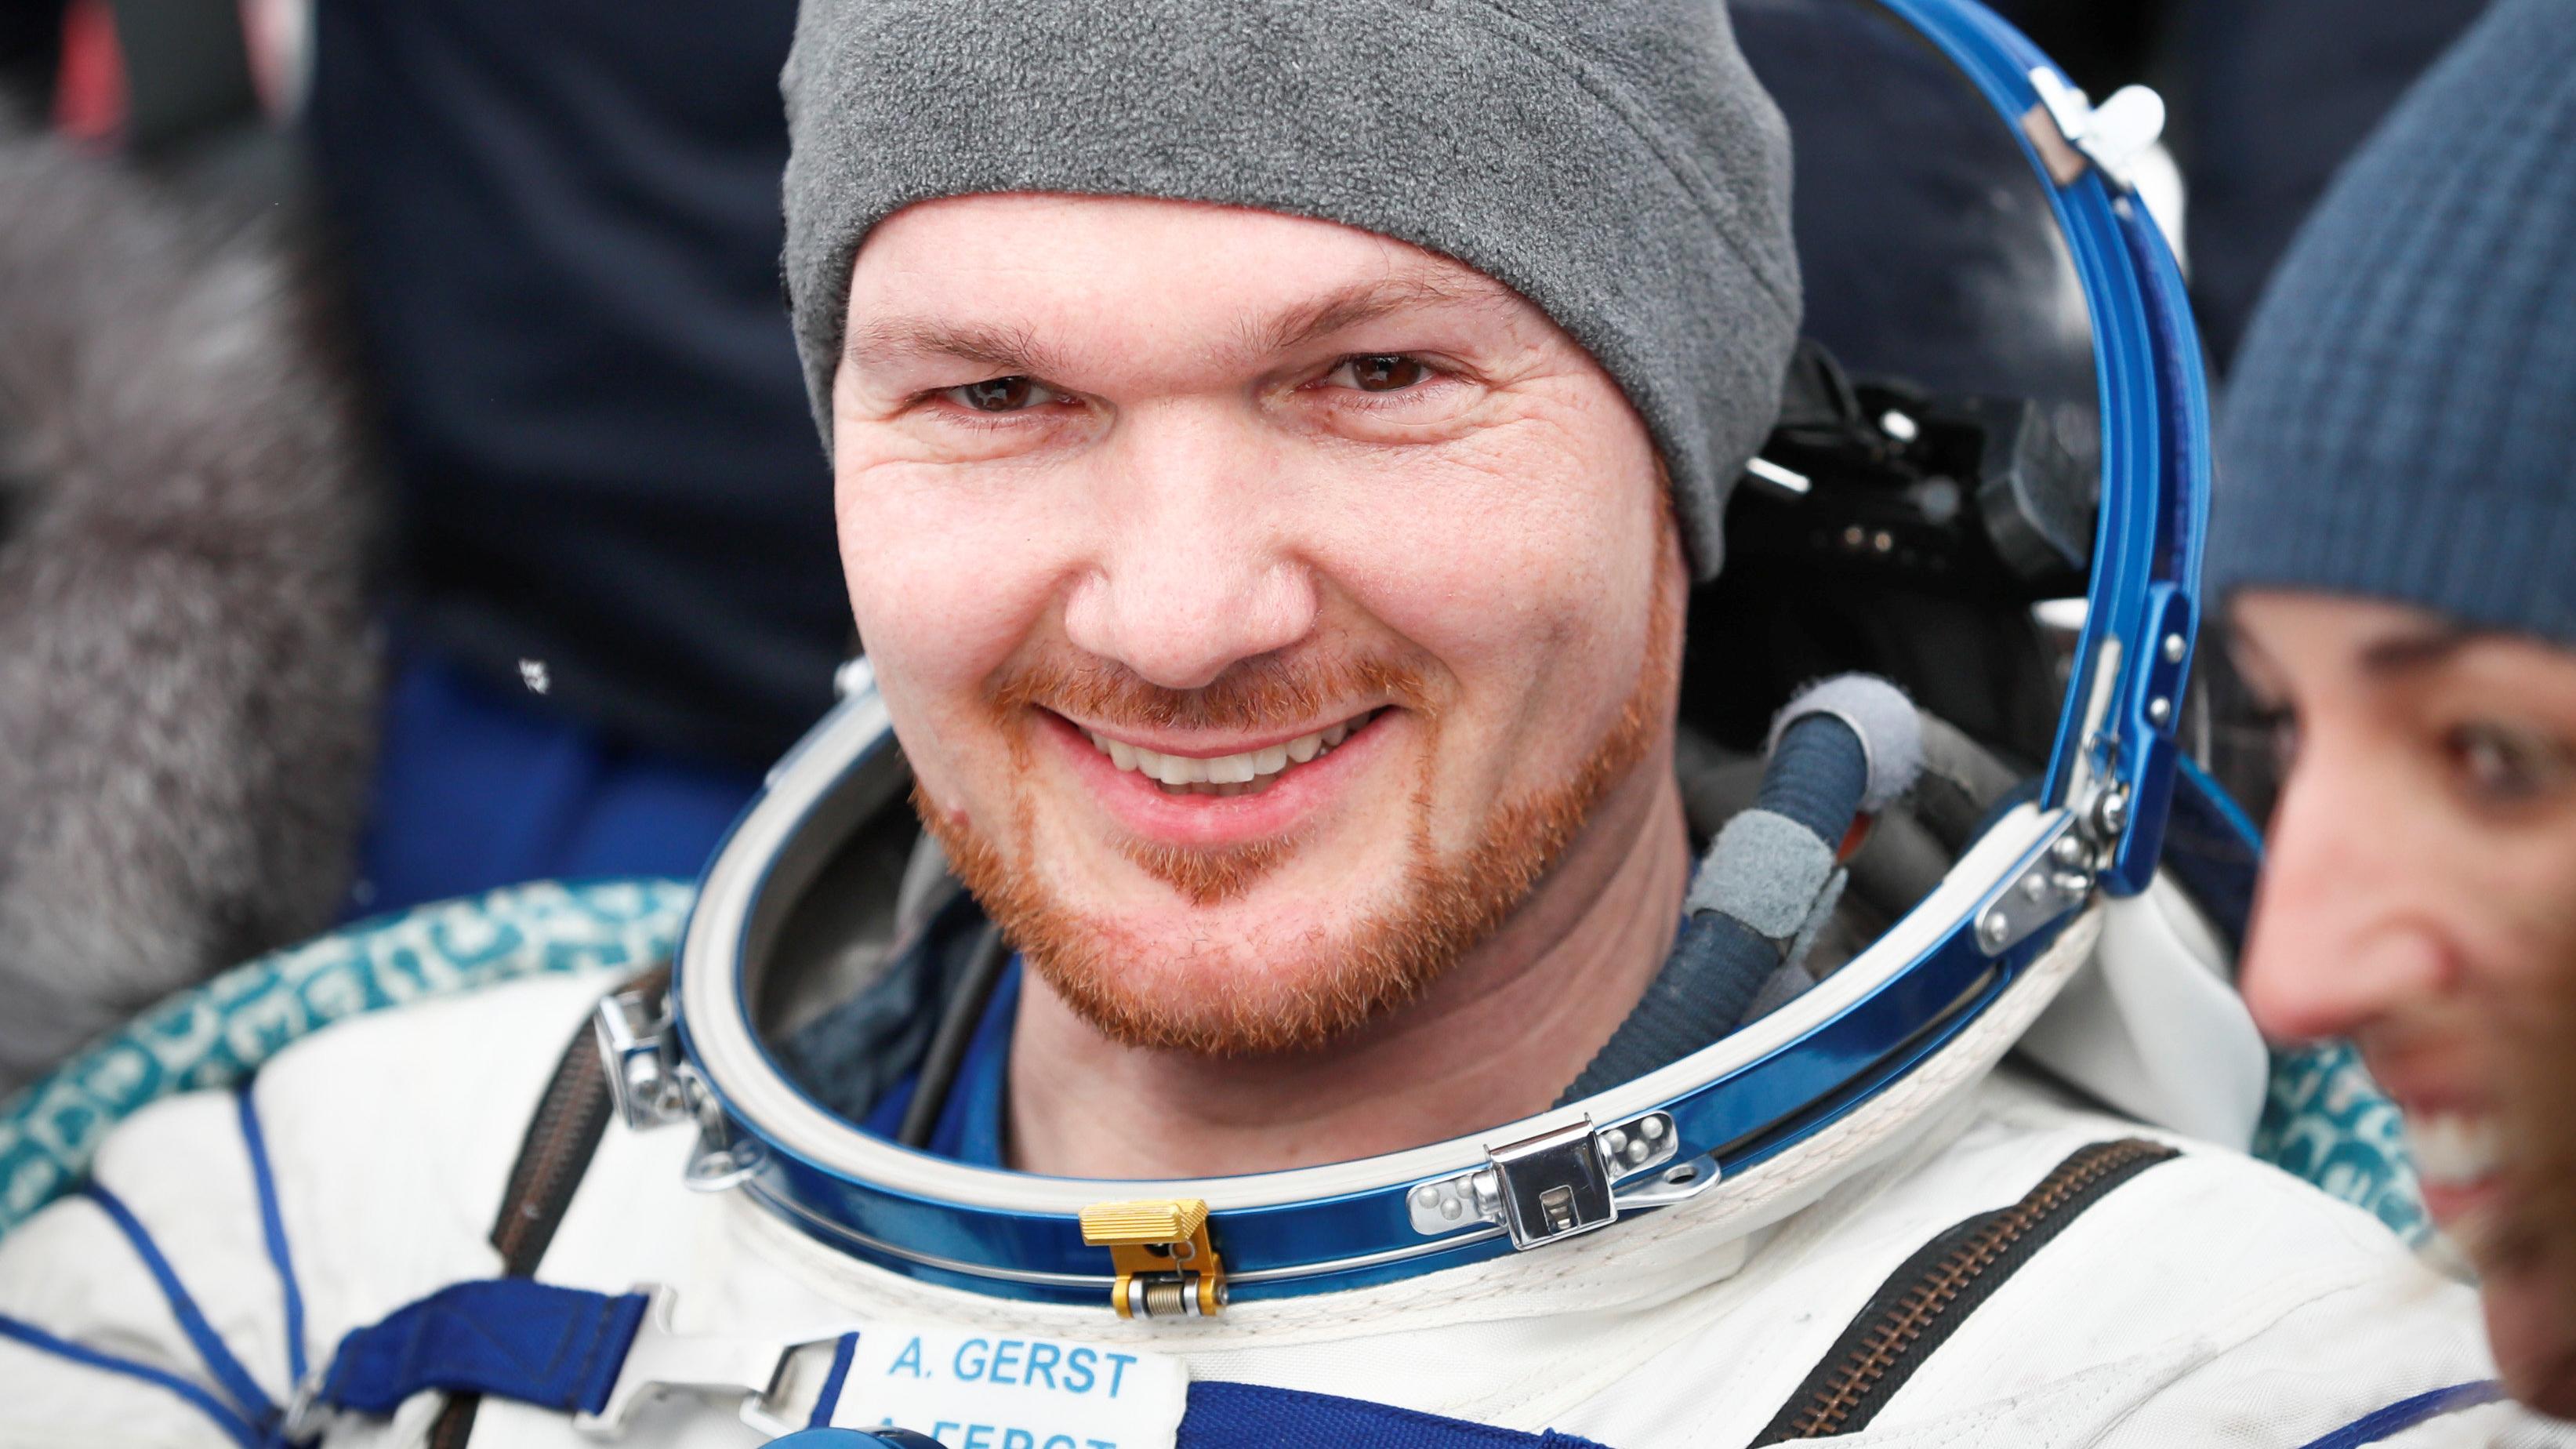 Alexander Gerst nach seiner Landung in der kasachische Steppe: Nach über einem halben Jahr auf der Internationalen Raumstation lächelt der Astronaut  in die Kameras